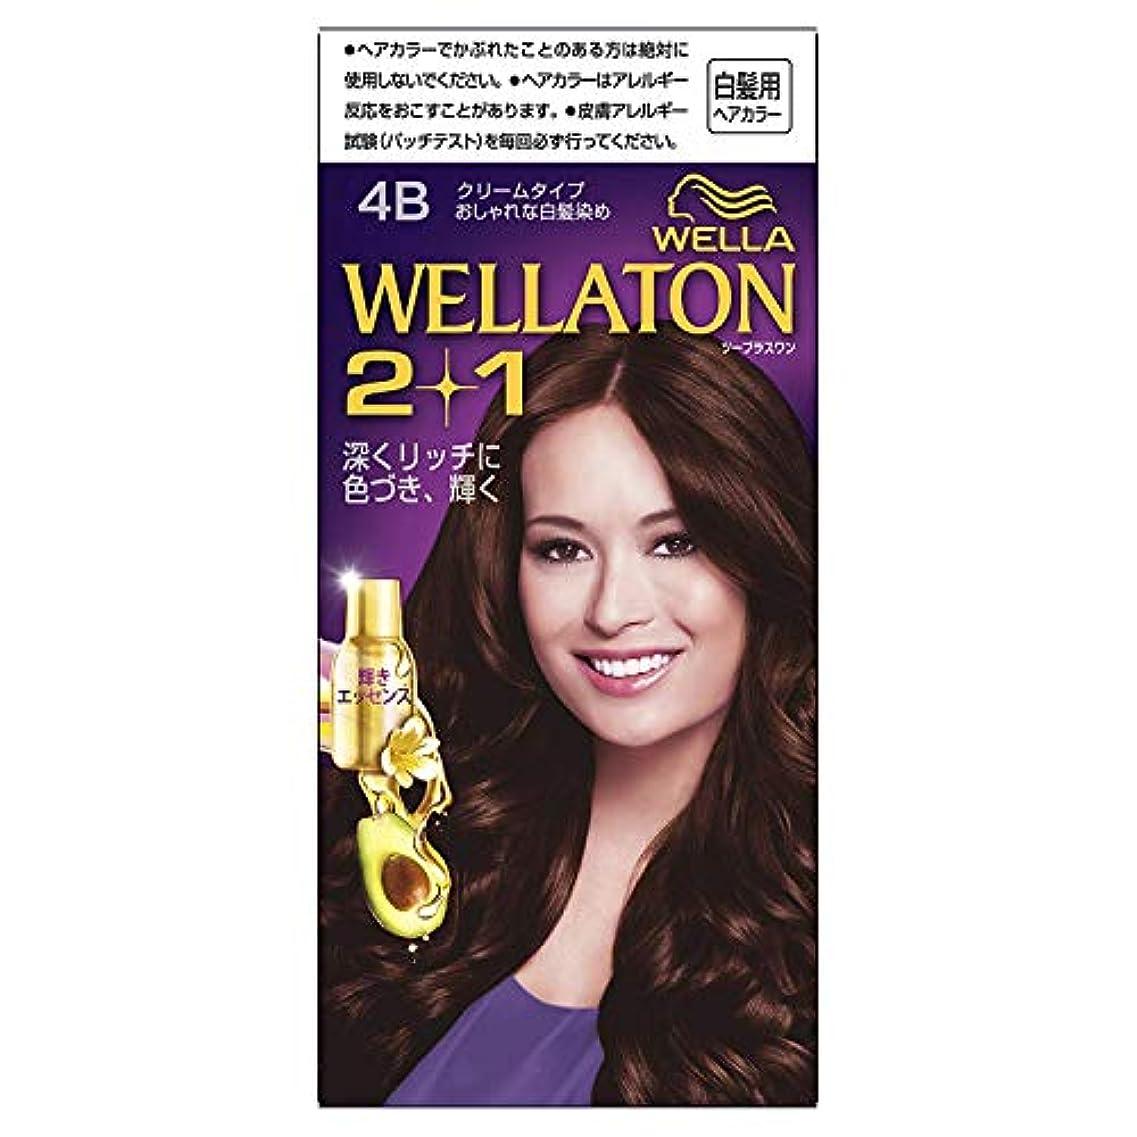 欺く発行機械的ウエラトーン2+1 クリームタイプ 4B [医薬部外品]×6個